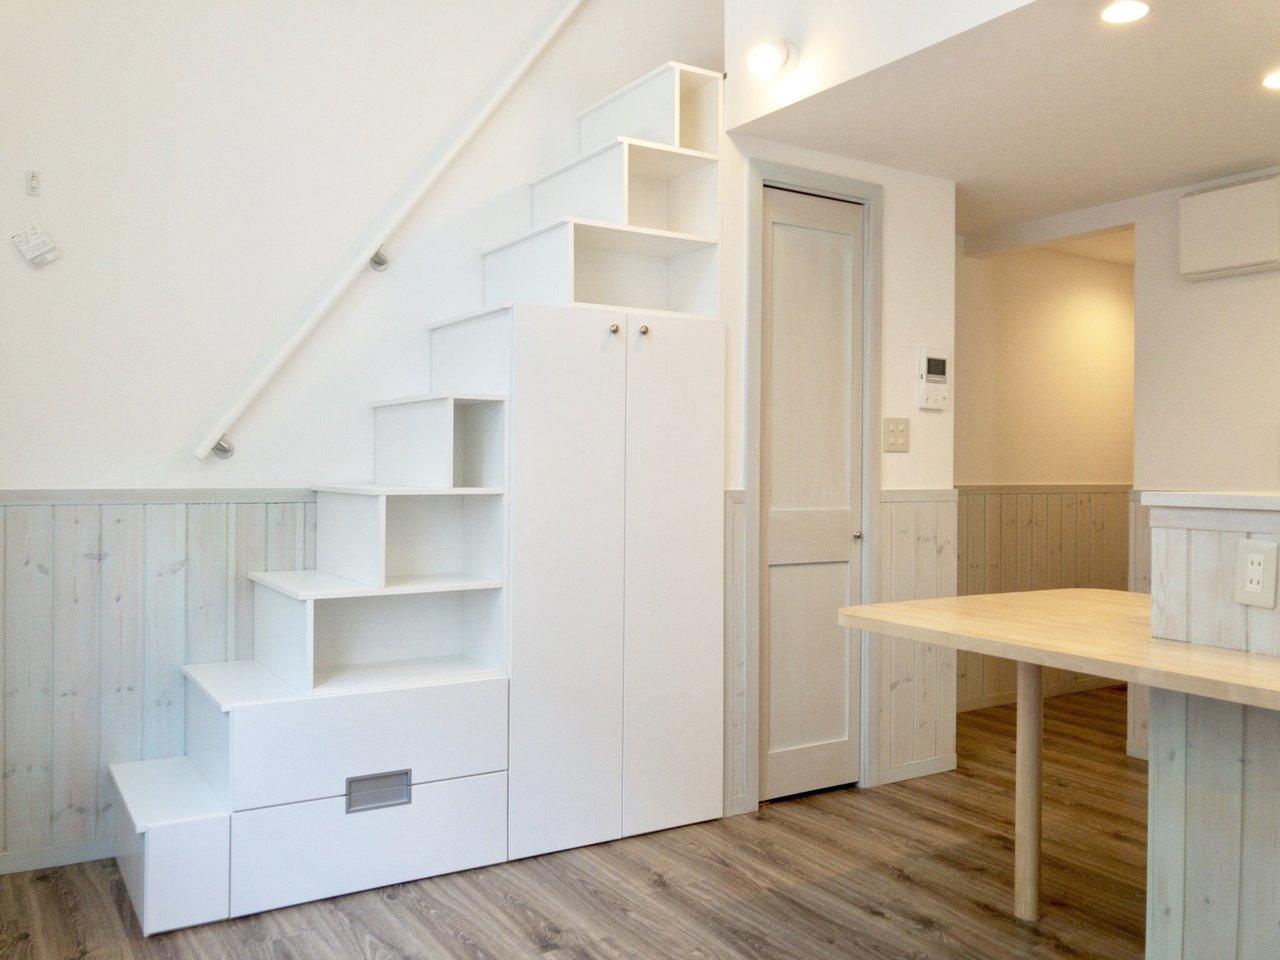 ロフトの階段って、はしごが定番じゃないの?を覆してくれるようなしっかり幅が確保された階段があるロフト部屋です。